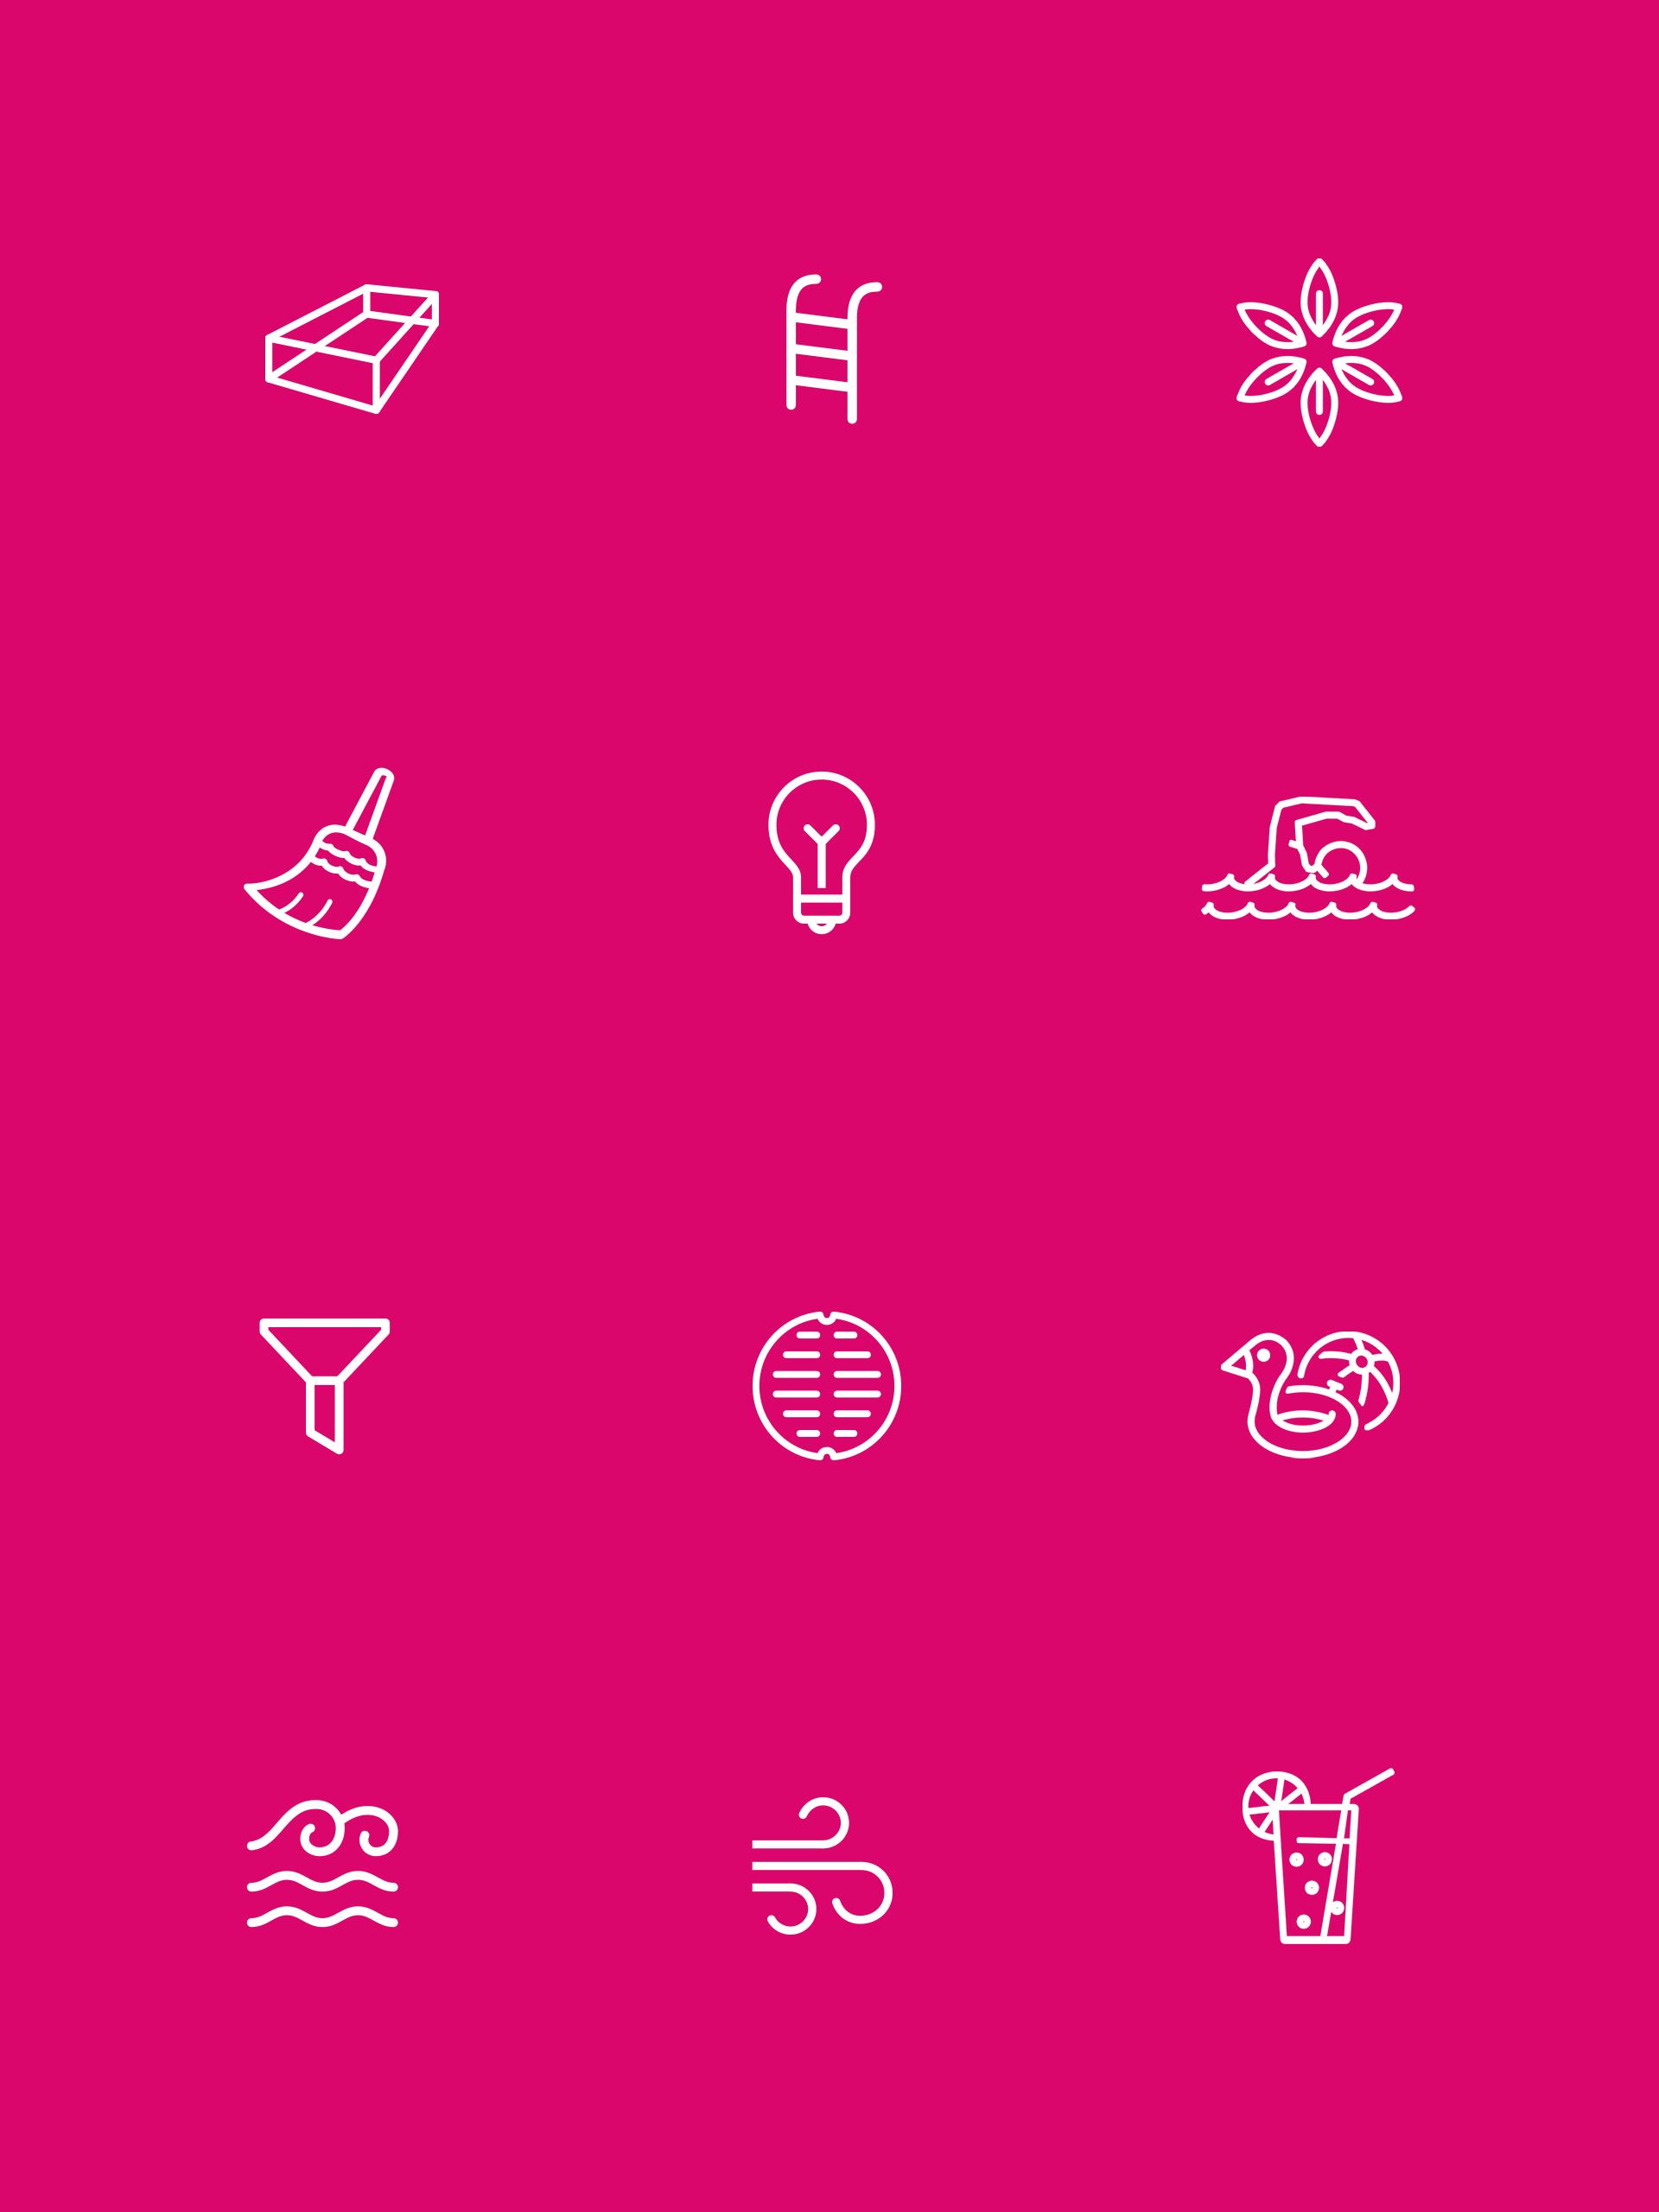 Ref Loop Icons Pink